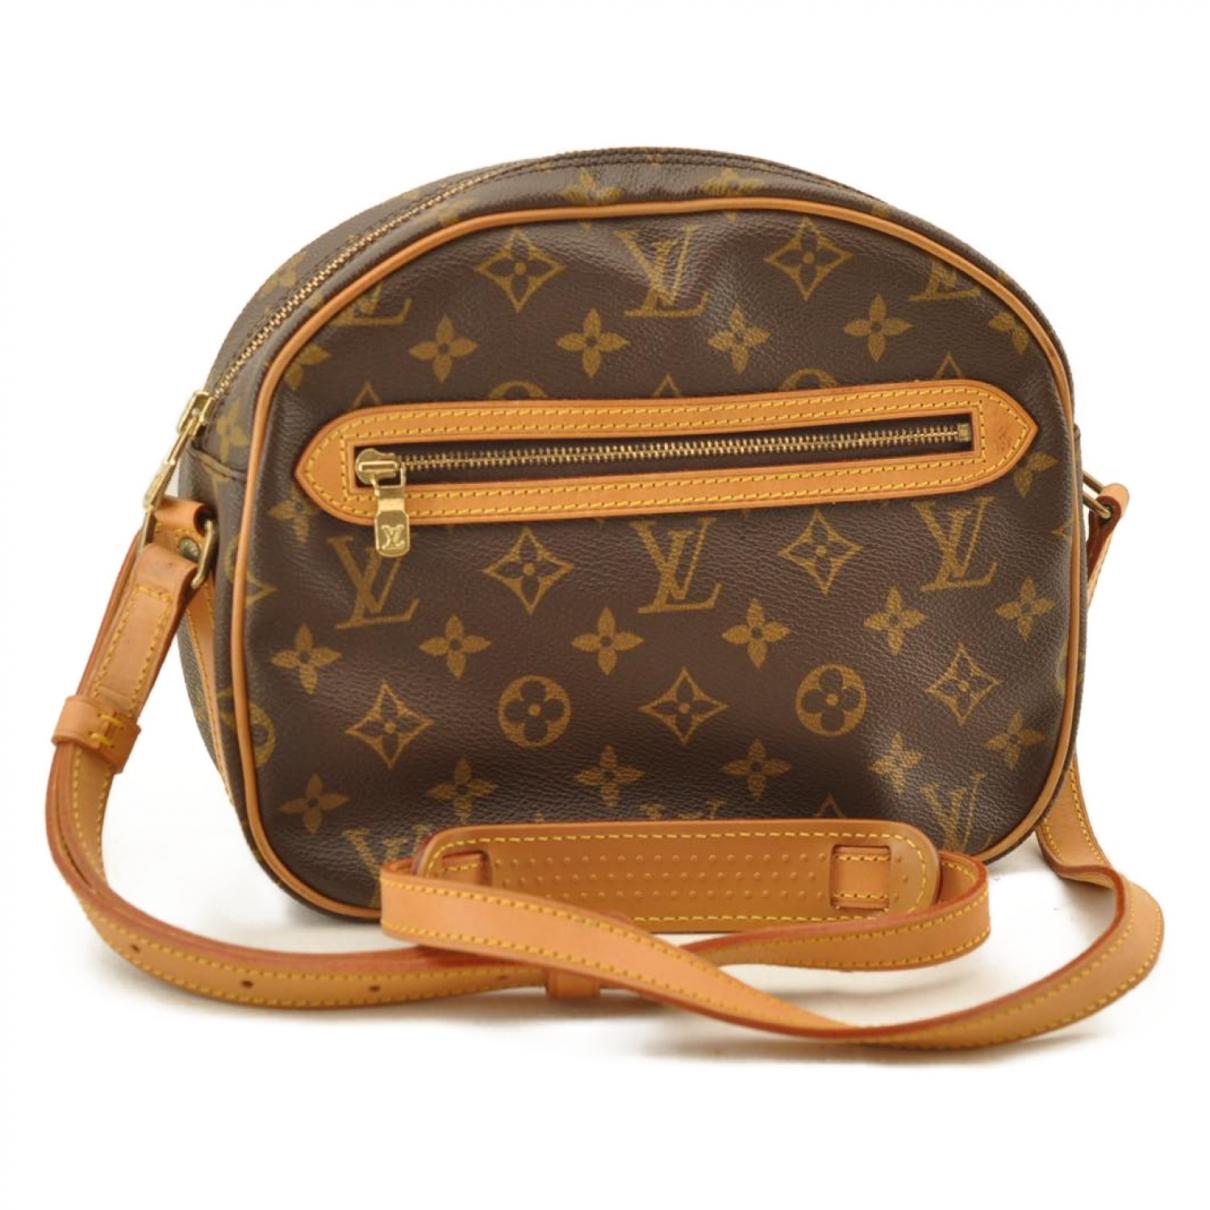 Louis Vuitton - Sac a main Senlis  pour femme en toile - marron